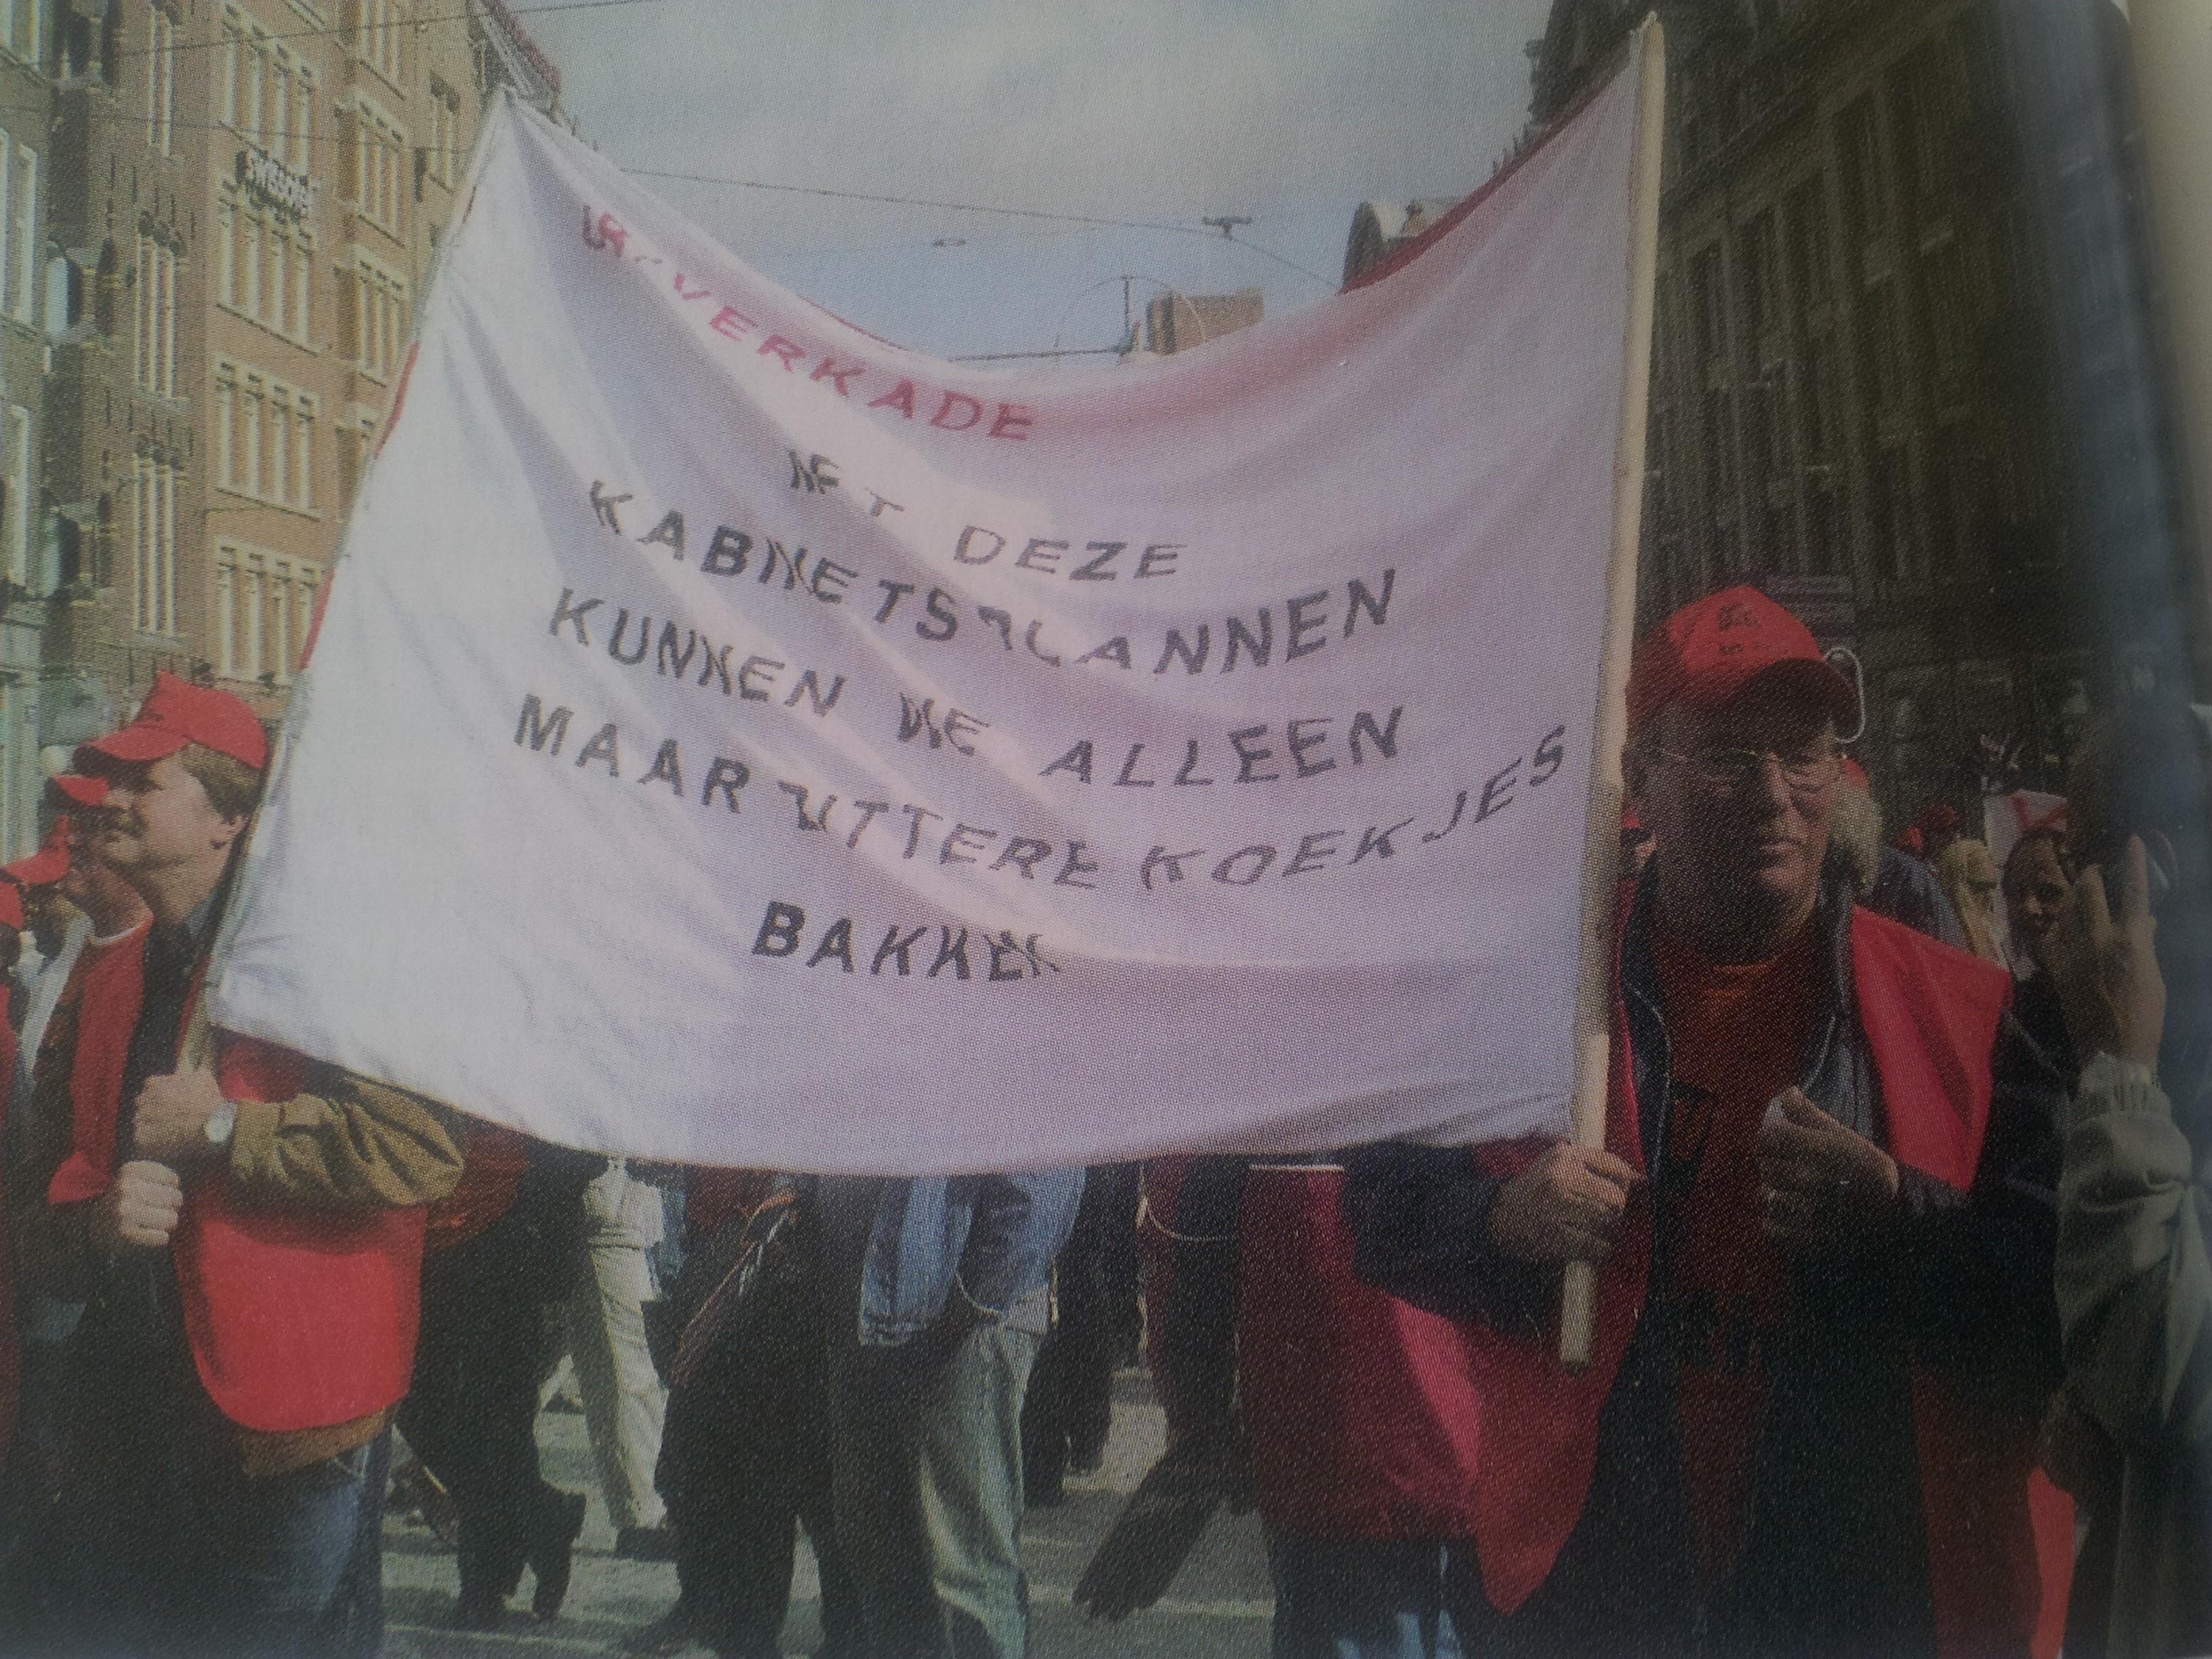 Beeld van de demonstratie op 20 september 2004 in Amsterdam